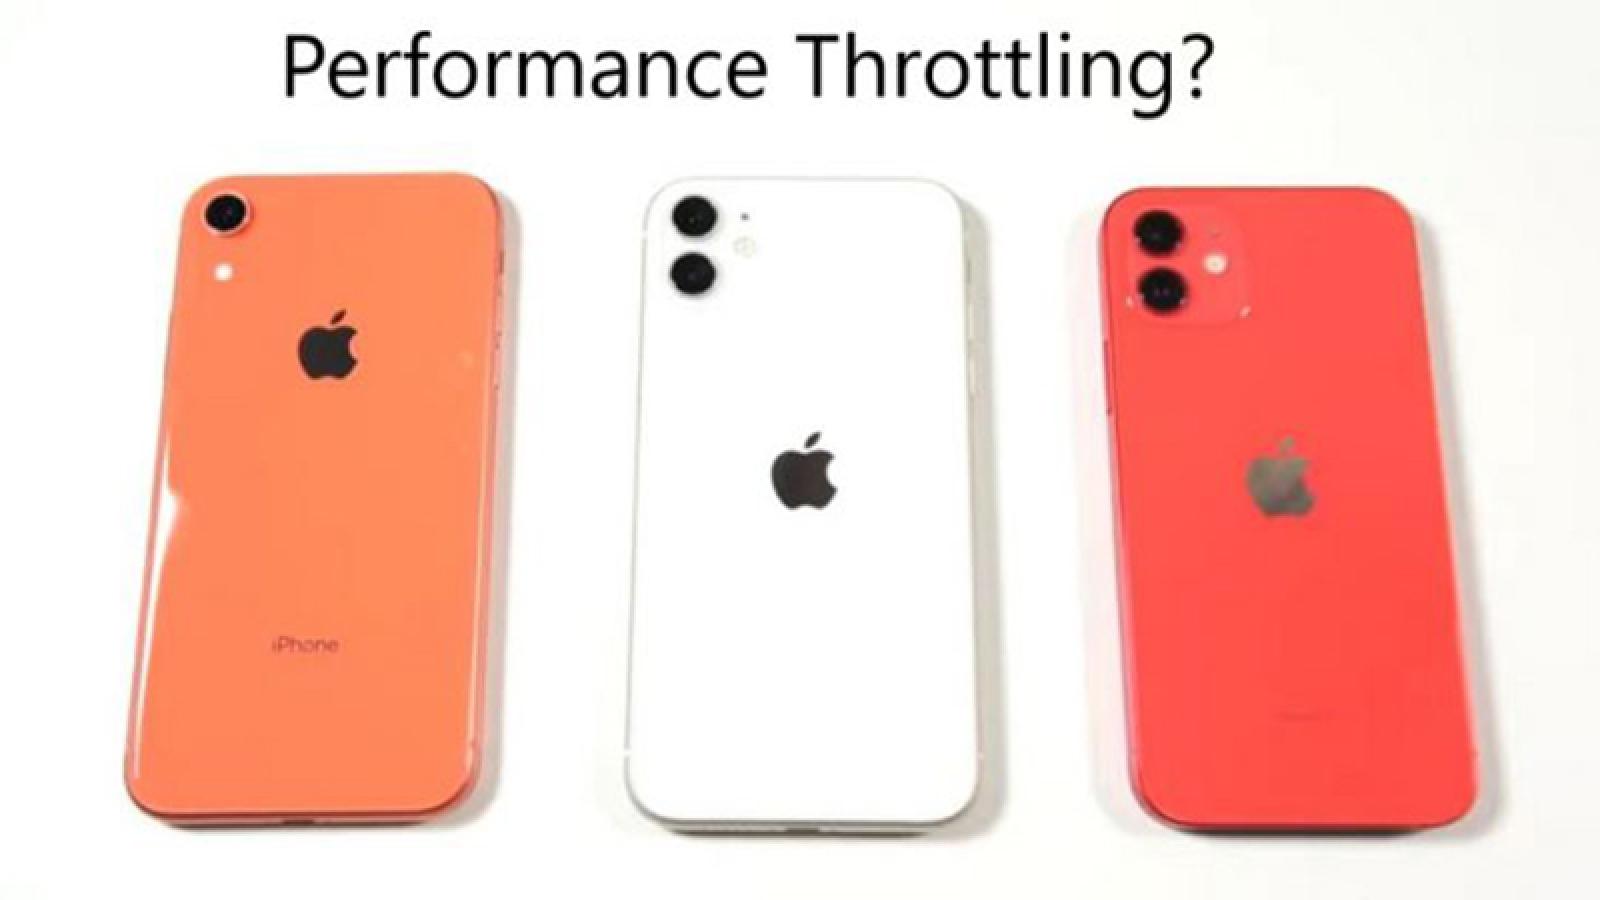 Cập nhật iOS 14.5.1, iPhone XR bỗng nhiên vượt mặt iPhone 11 và 12